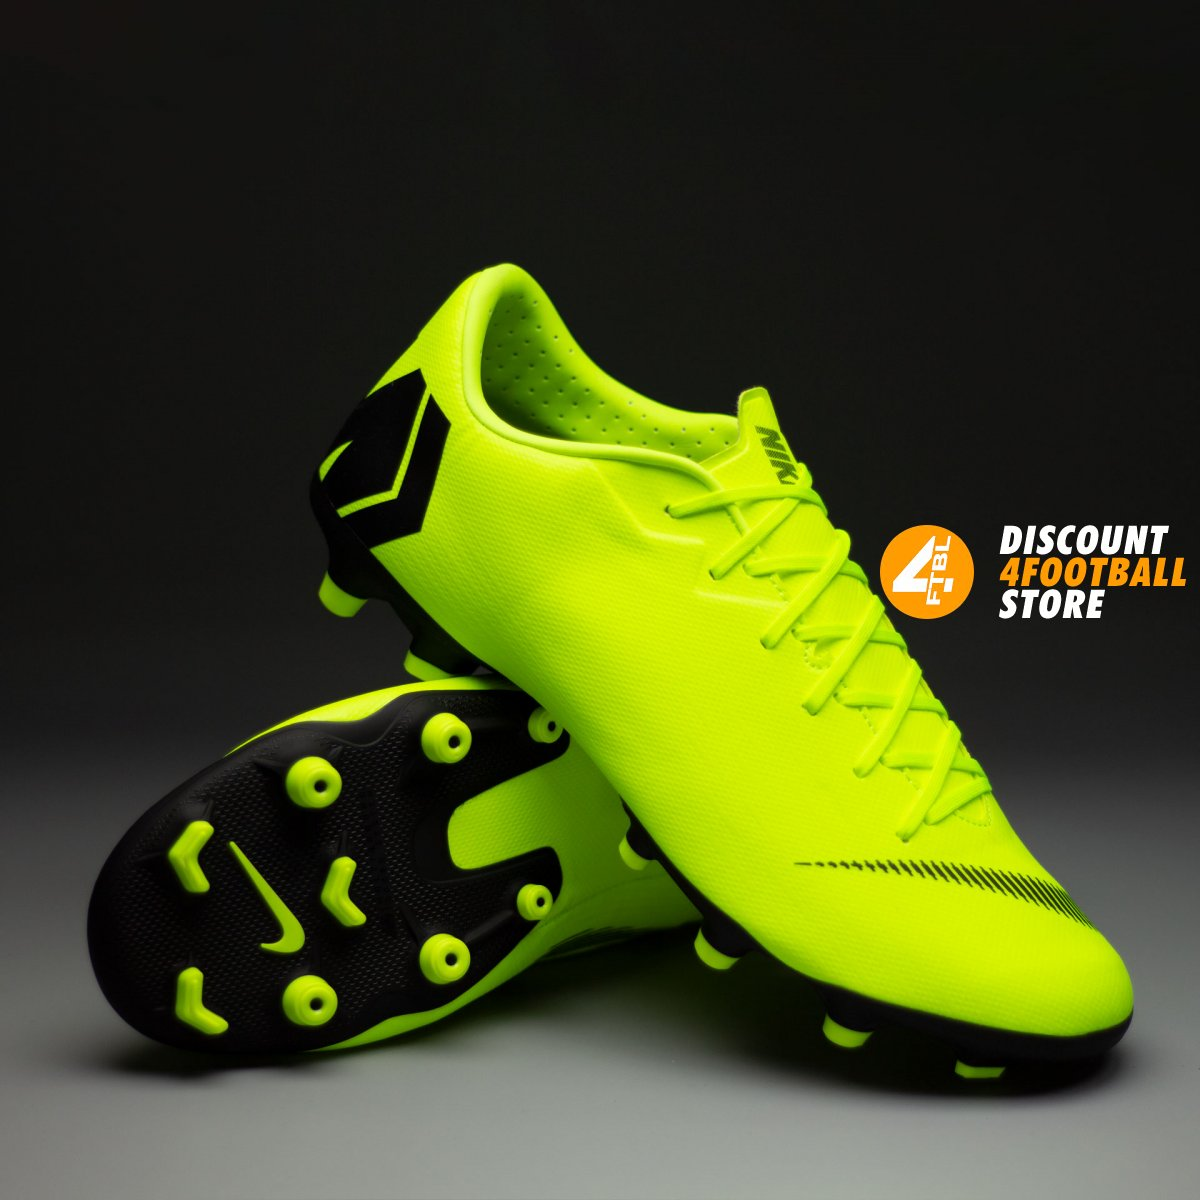 a6155146 Футбольные бутсы Nike Mercurial Vapor Academy AH7375-701 купить на ...